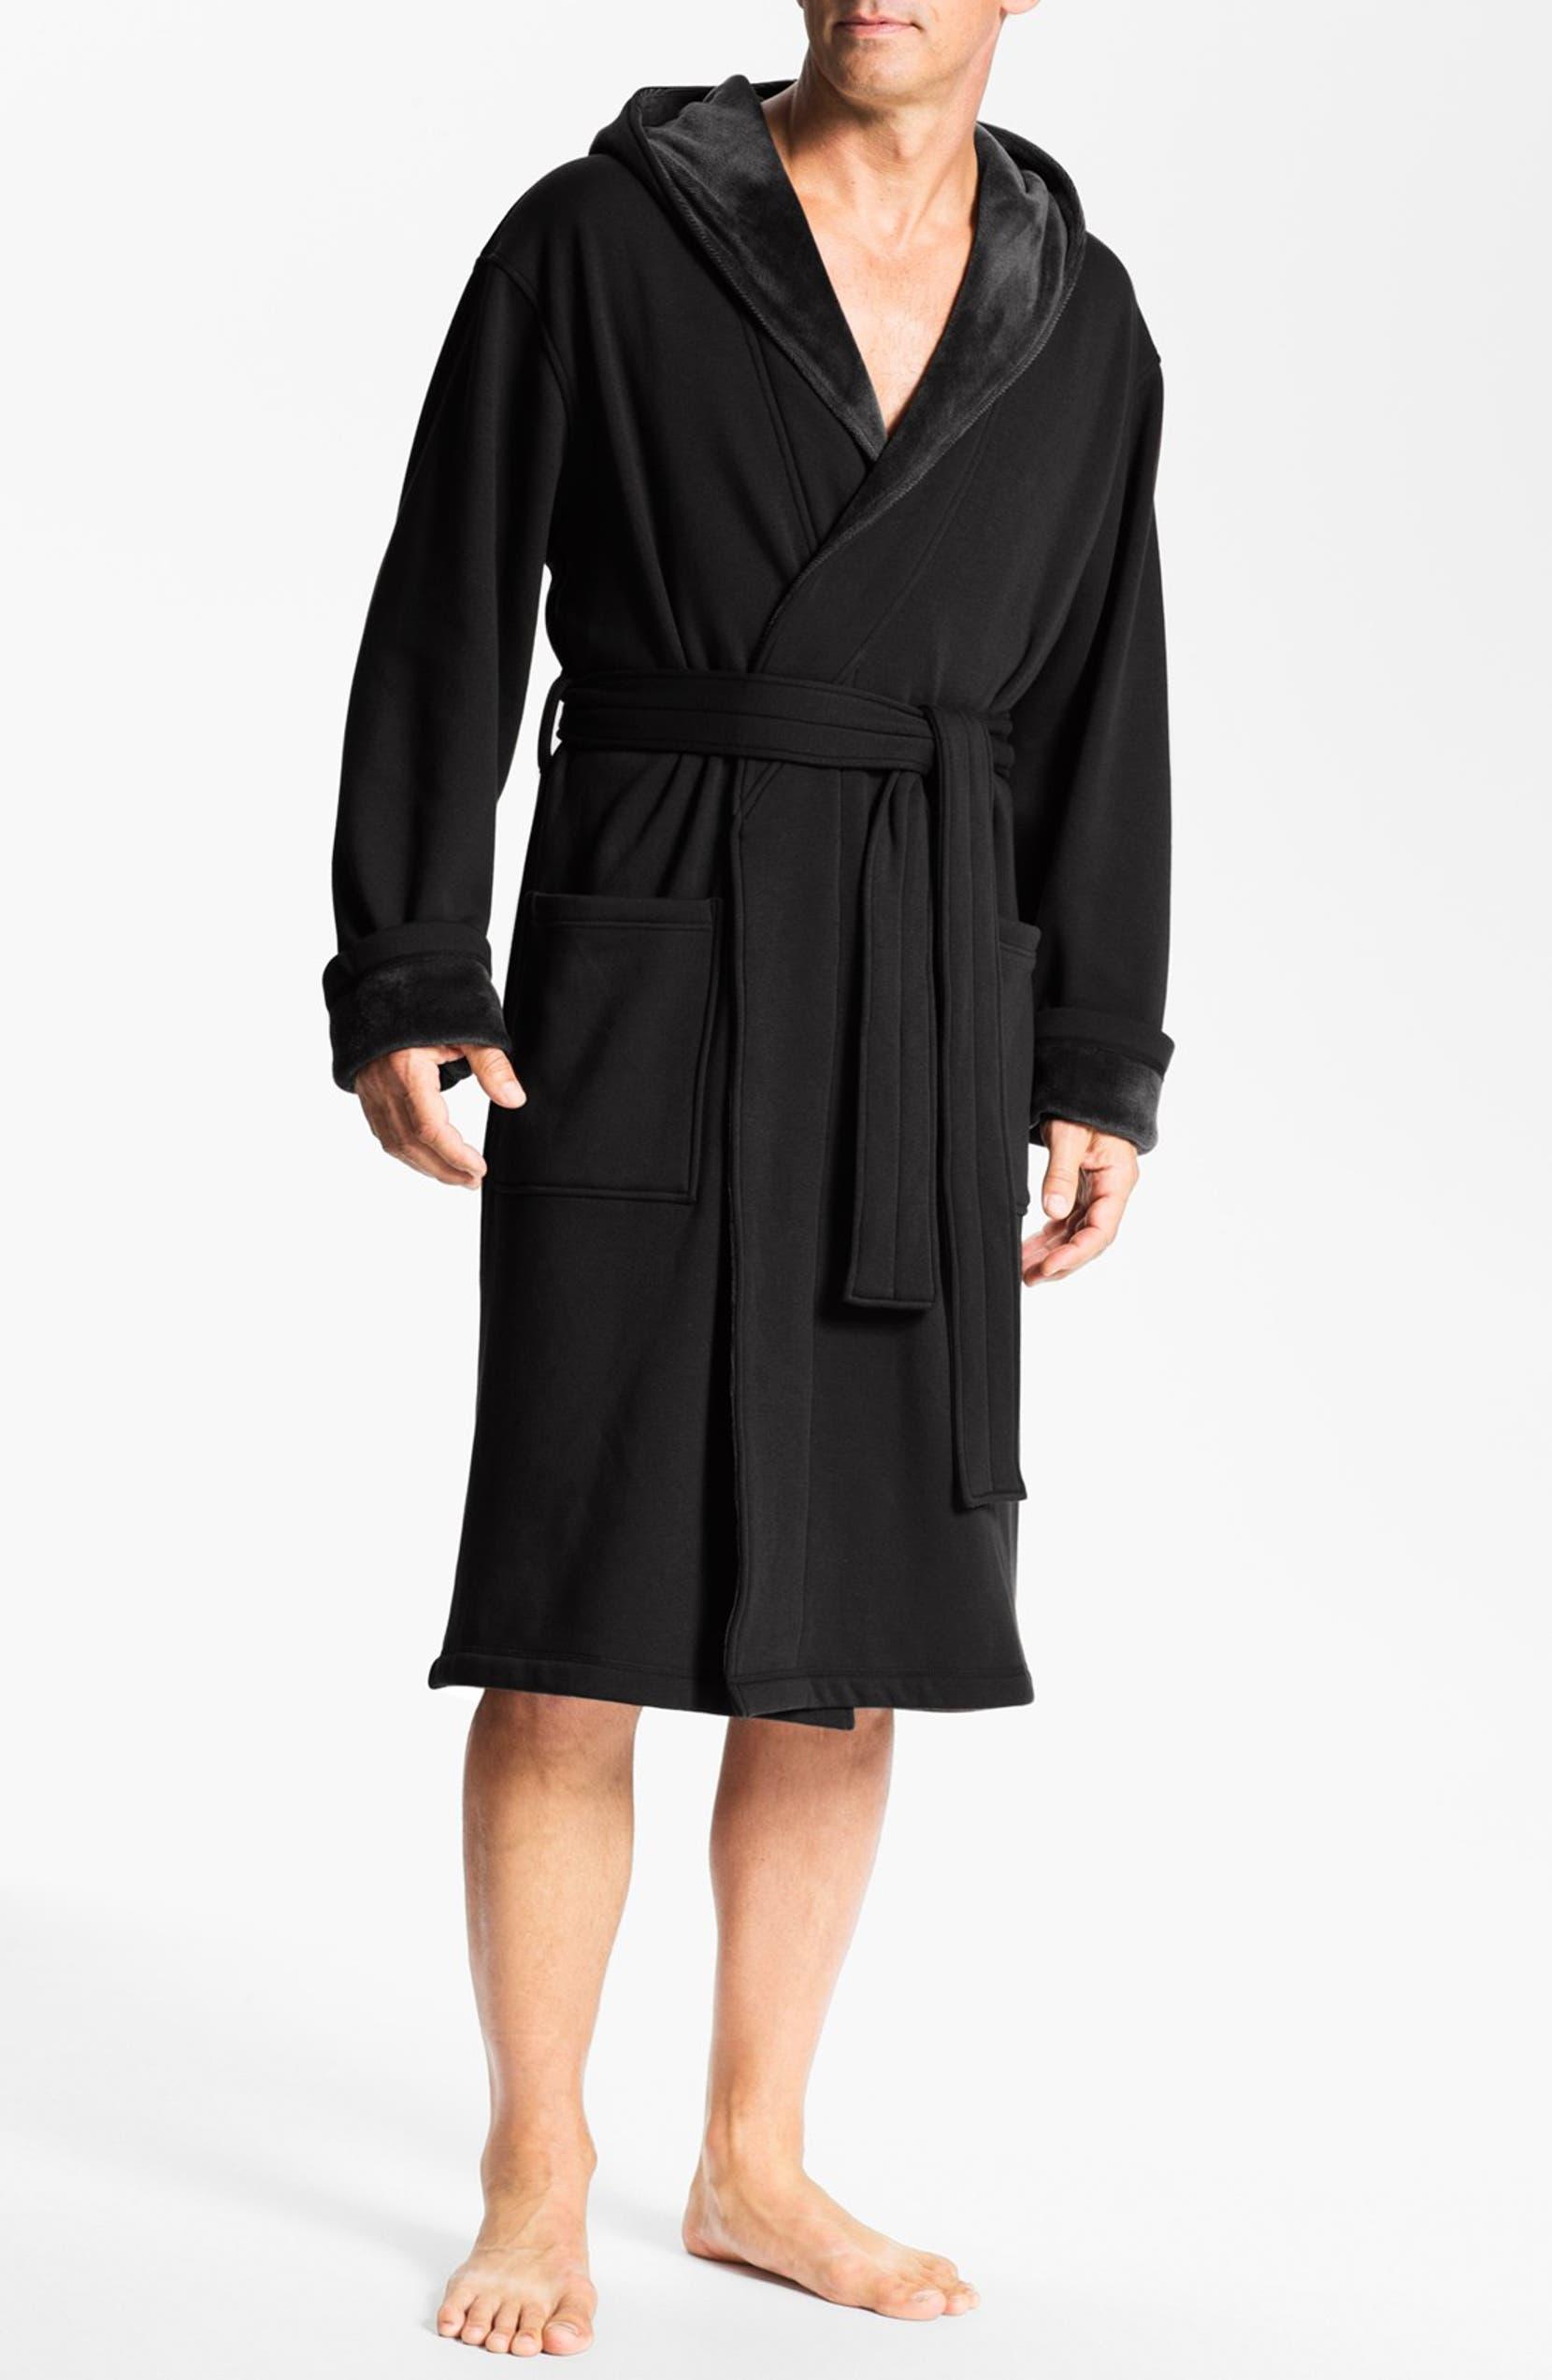 b28317b2470 'Brunswick' Robe